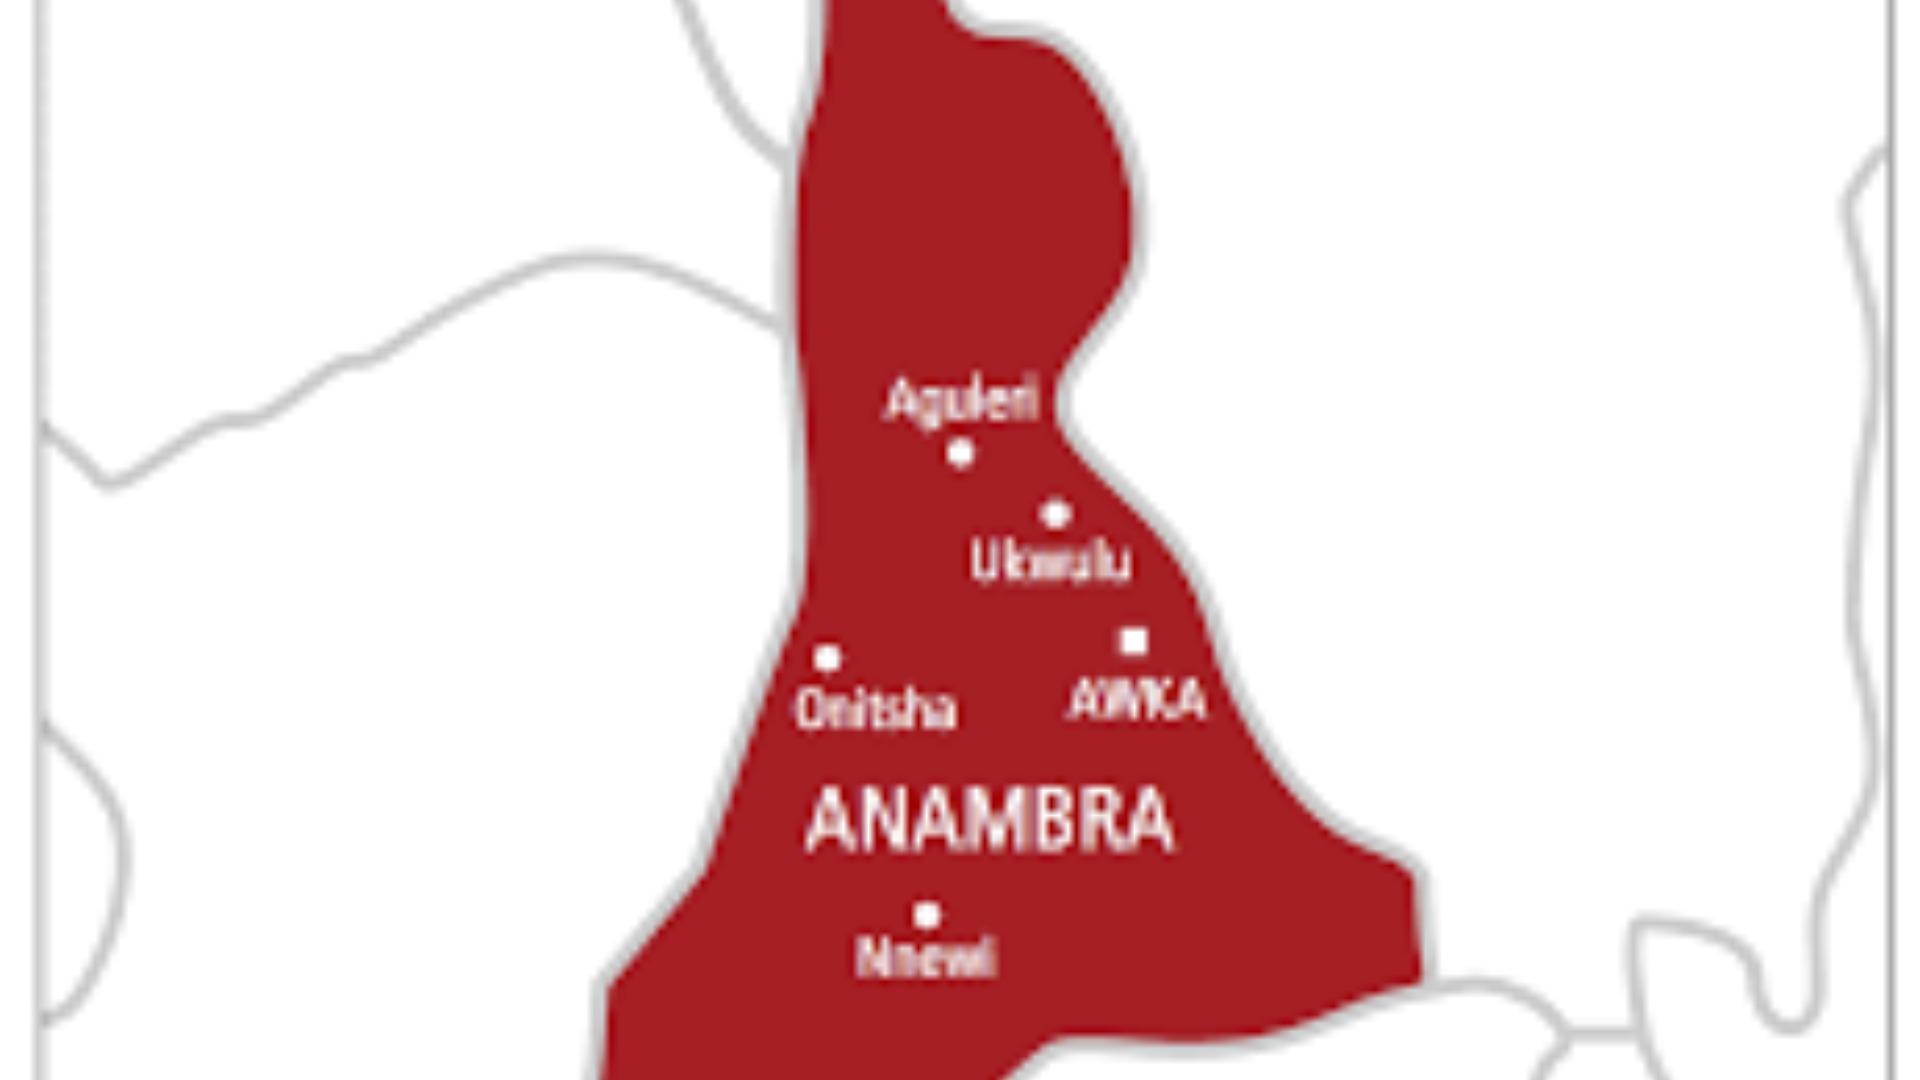 Anambra